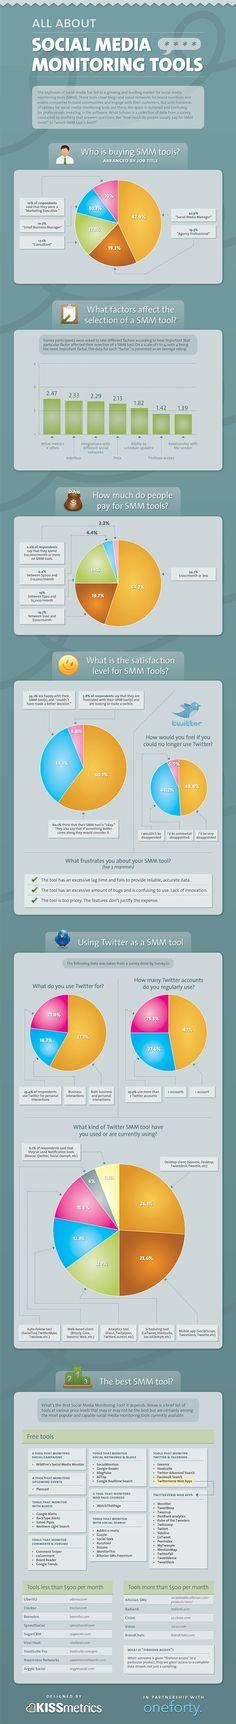 Herramientas de monitorización en Social Media.